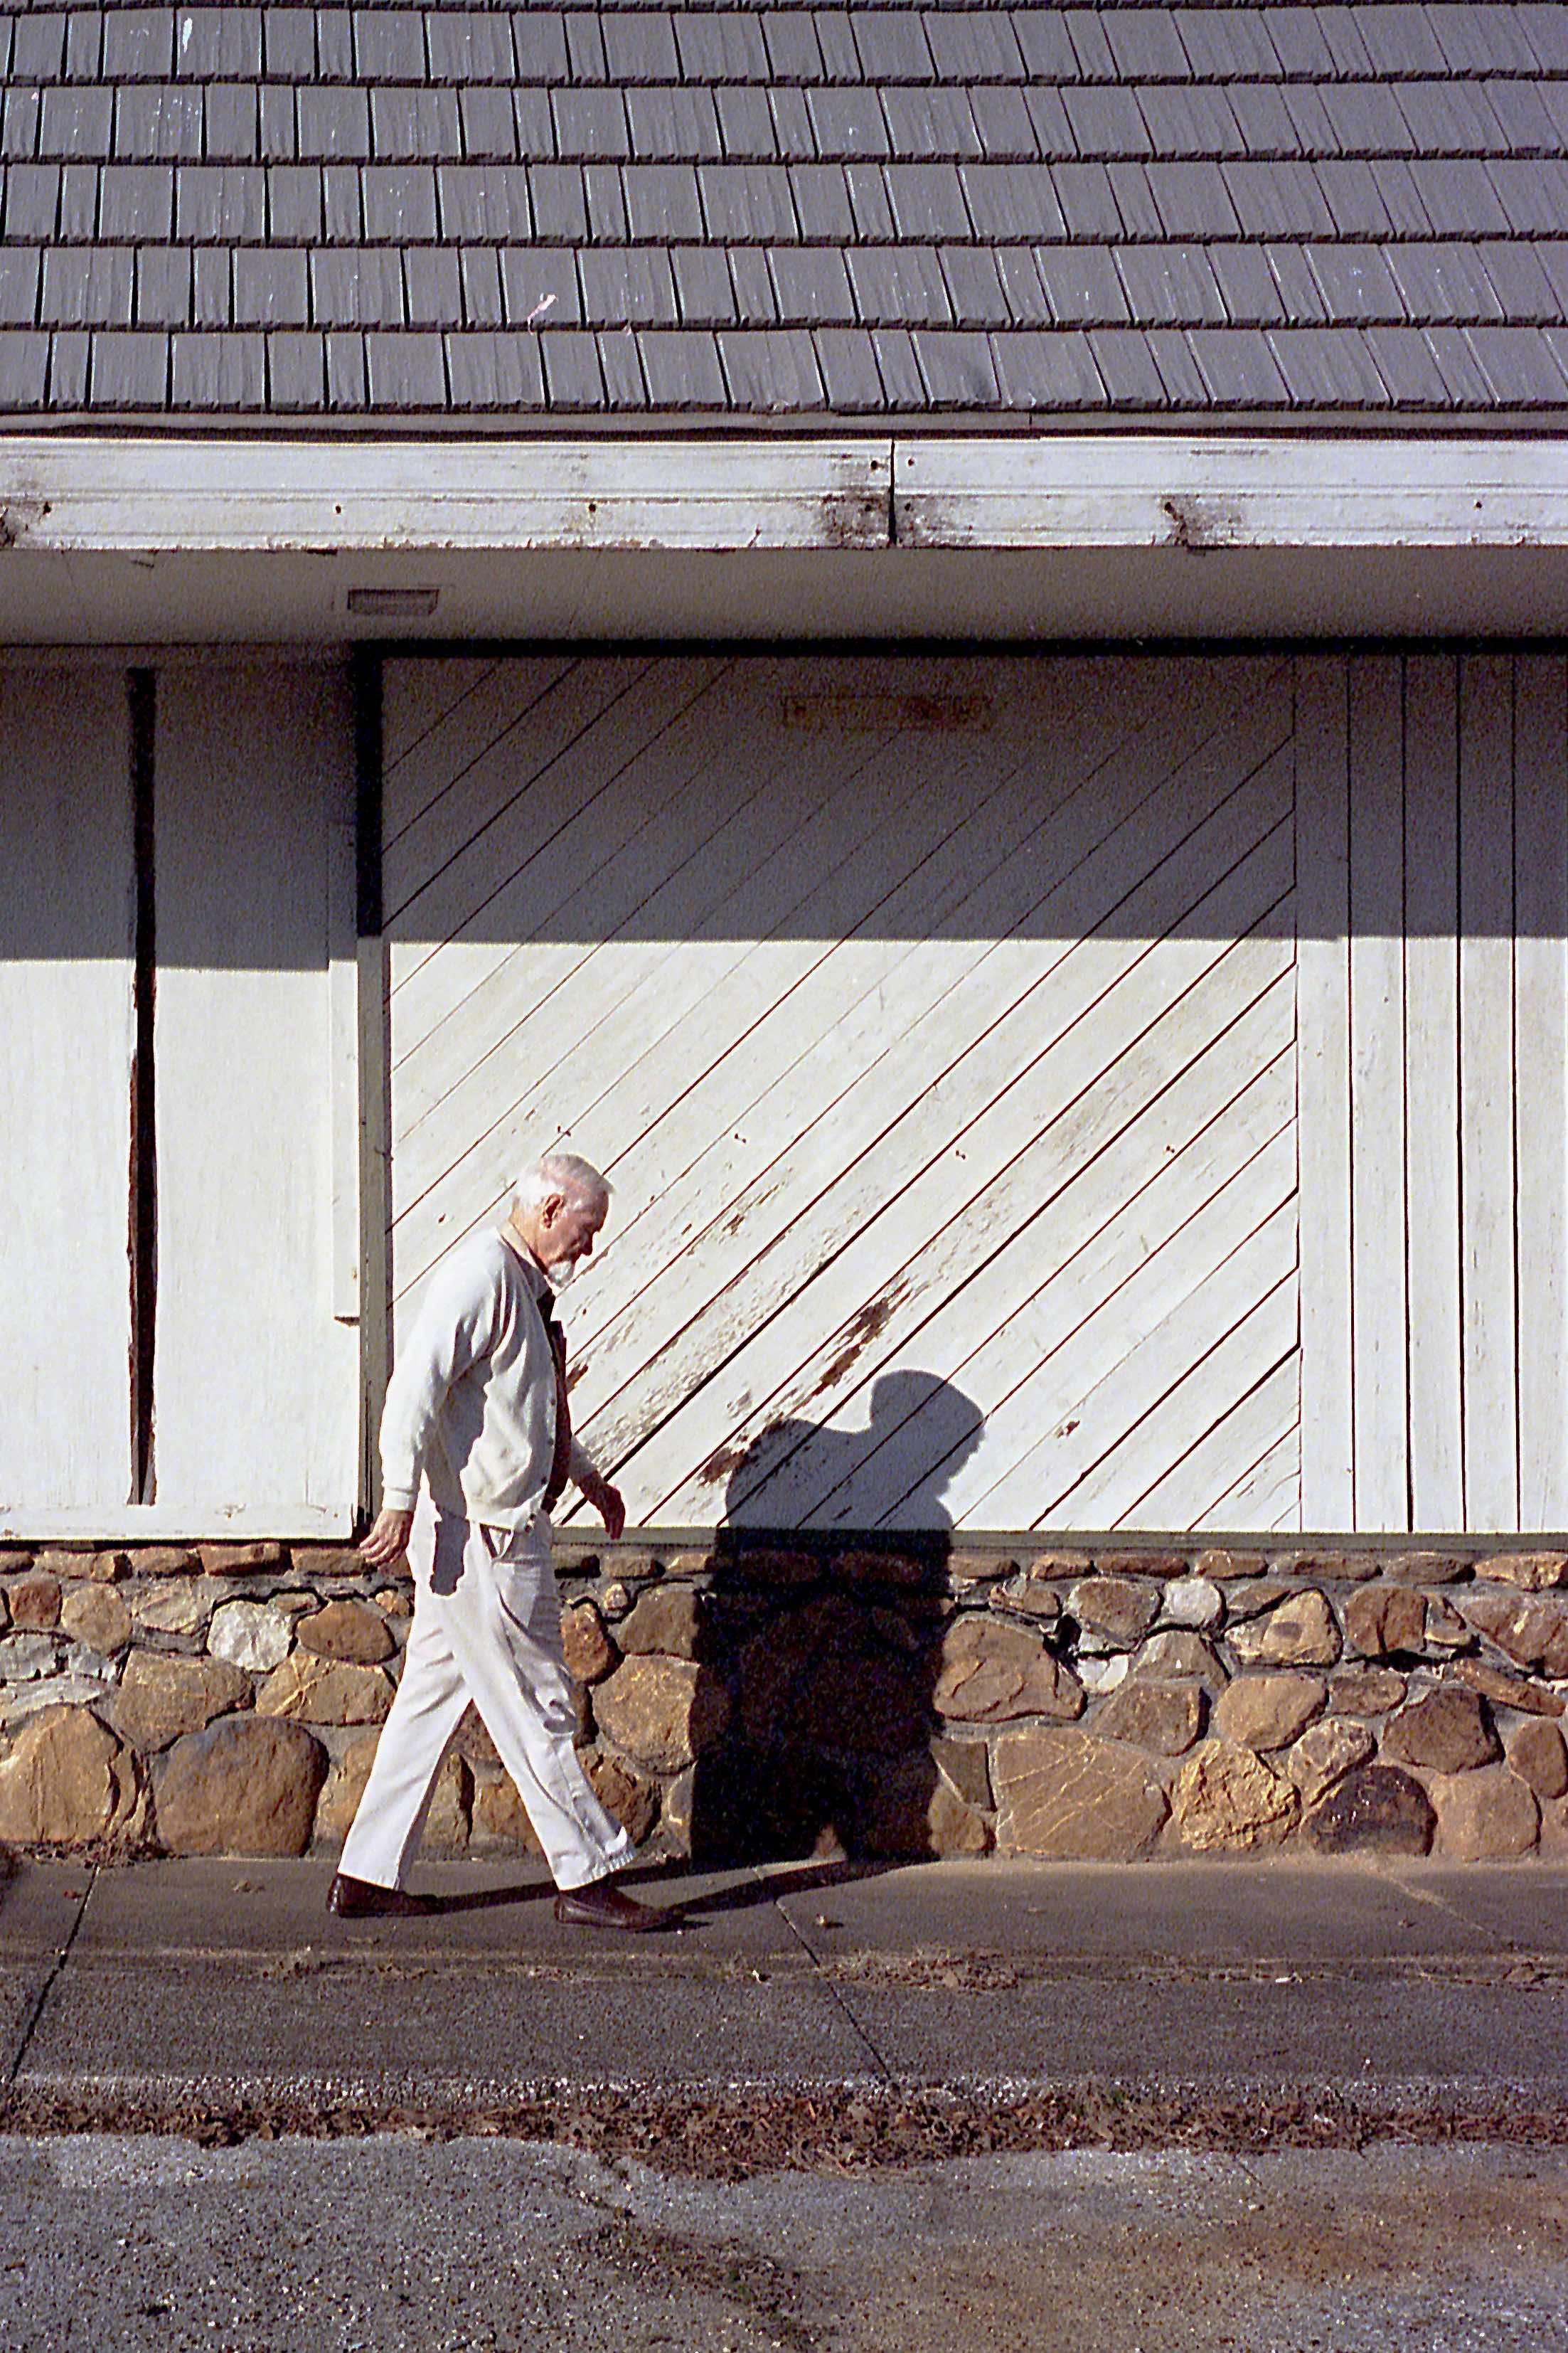 Piedmont, AL / Matt Pittman / Kent Meister / Leica M7 / Portra 400